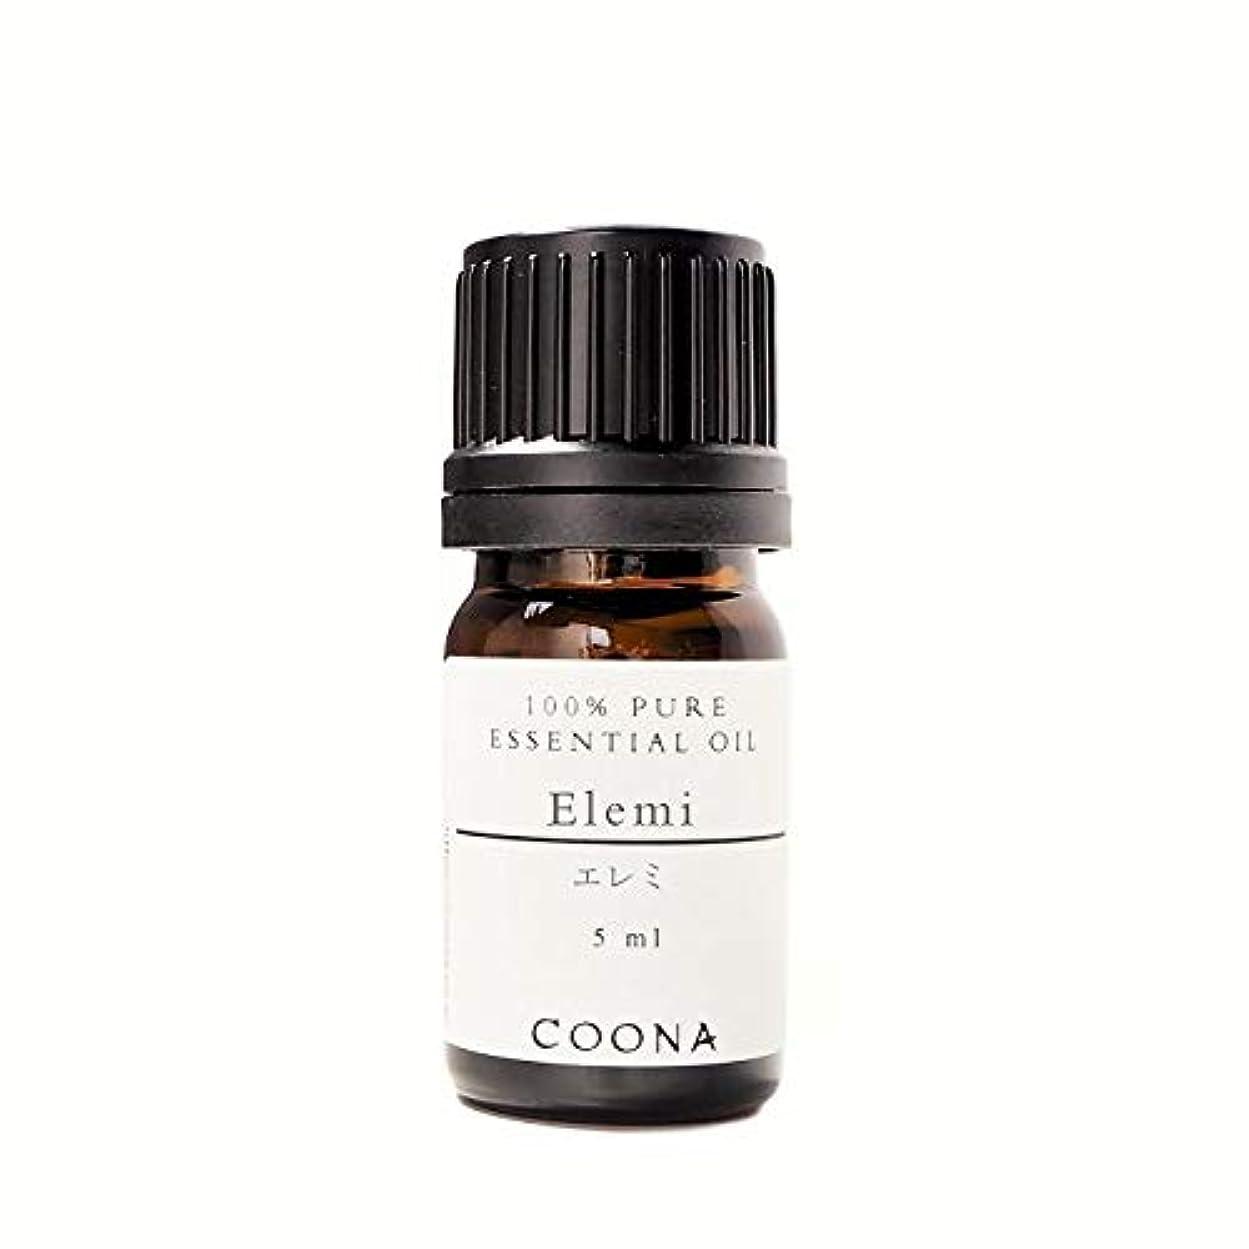 排泄する工夫するサンプルエレミ 5 ml (COONA エッセンシャルオイル アロマオイル 100%天然植物精油)